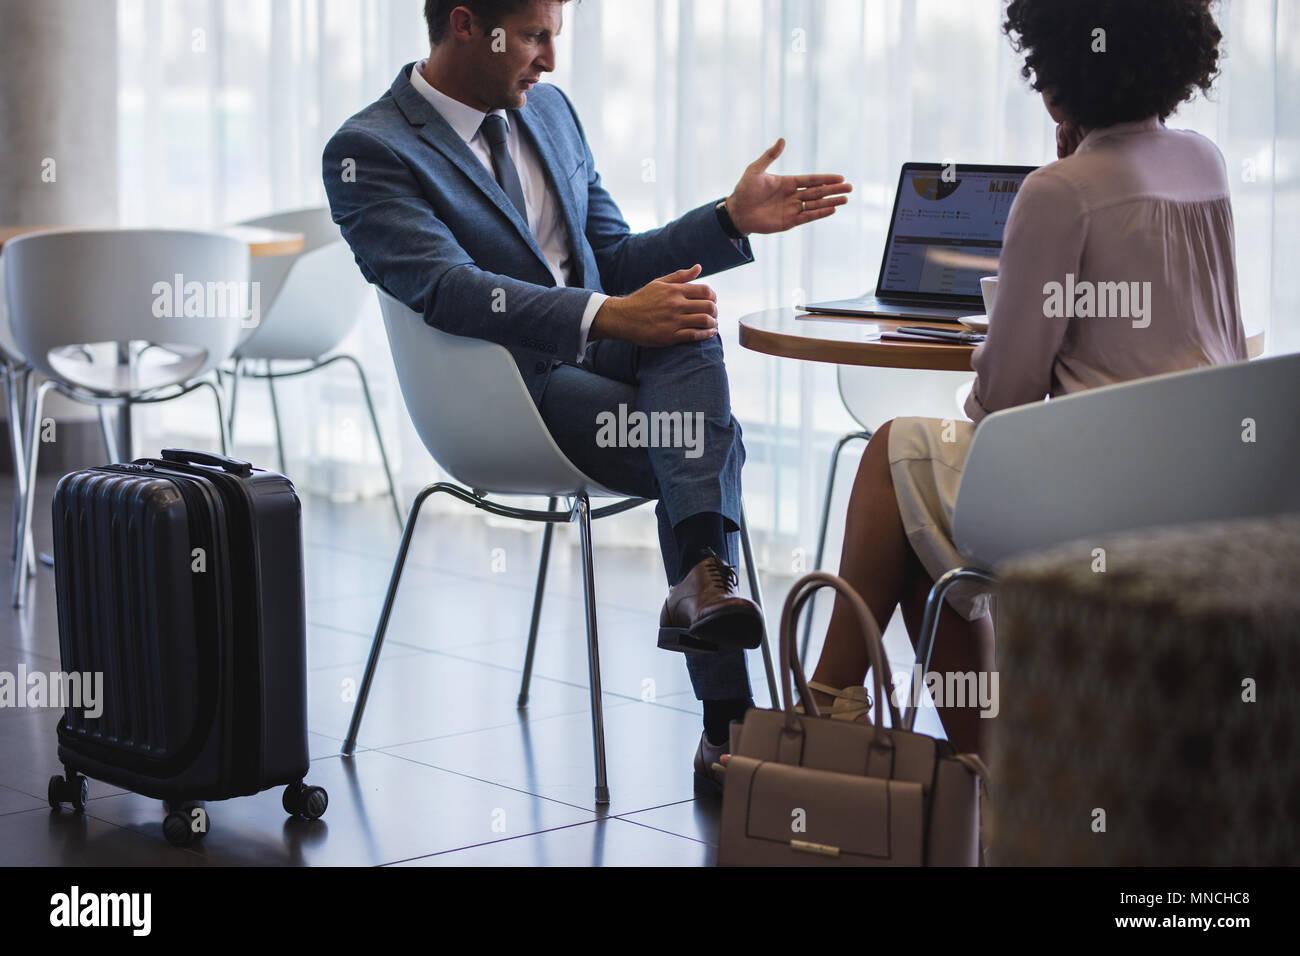 L'homme d'affaires montrant quelque chose à la femme alors qu'il était assis au bar d'aéroport. Business people working on laptop en attendant leur vol. Photo Stock